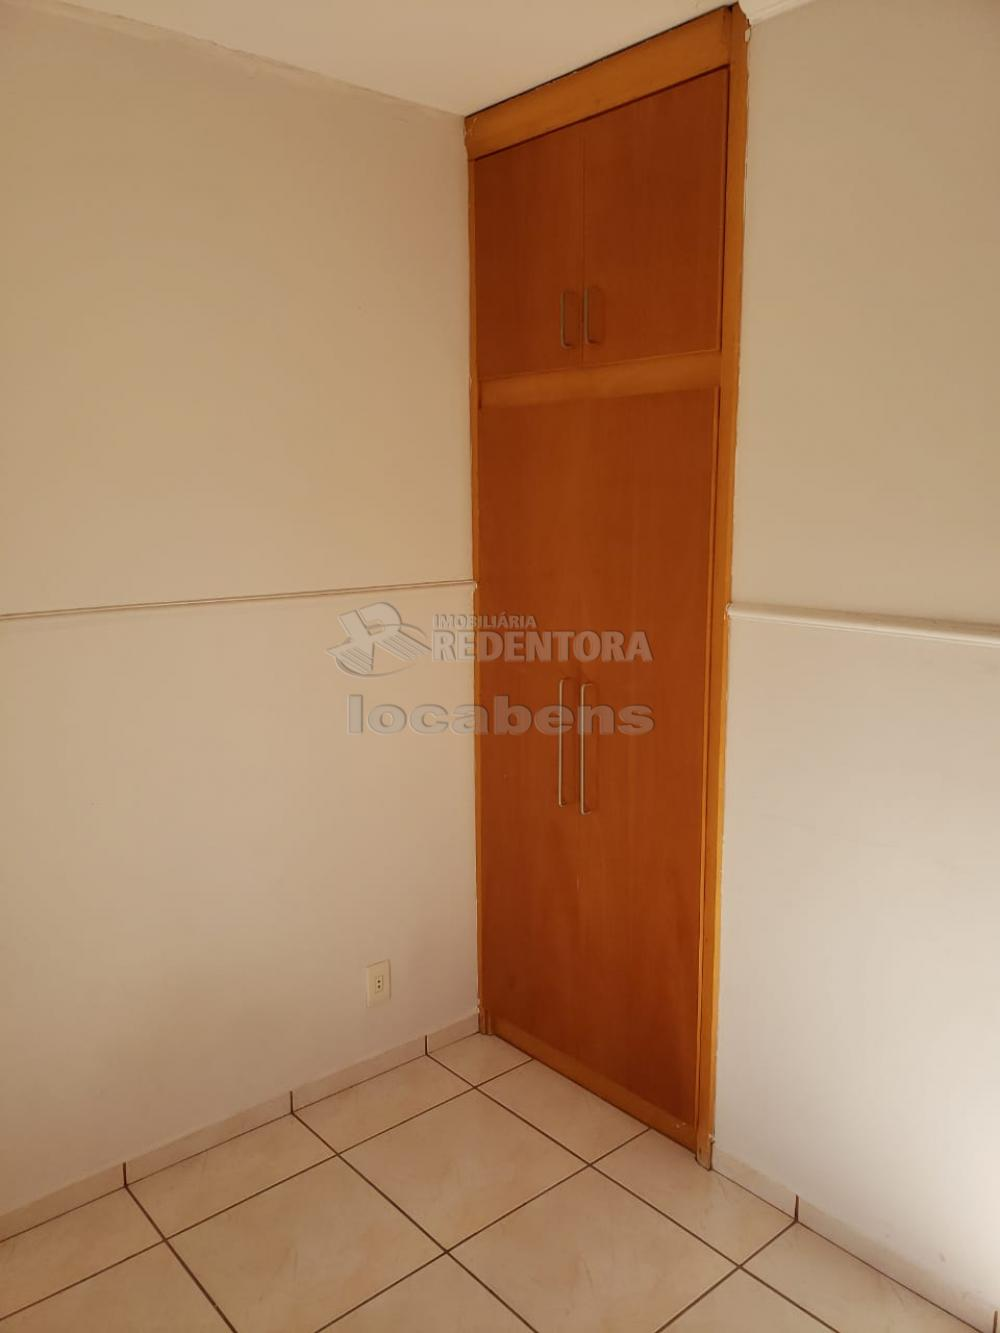 Alugar Casa / Condomínio em São José do Rio Preto apenas R$ 800,00 - Foto 5